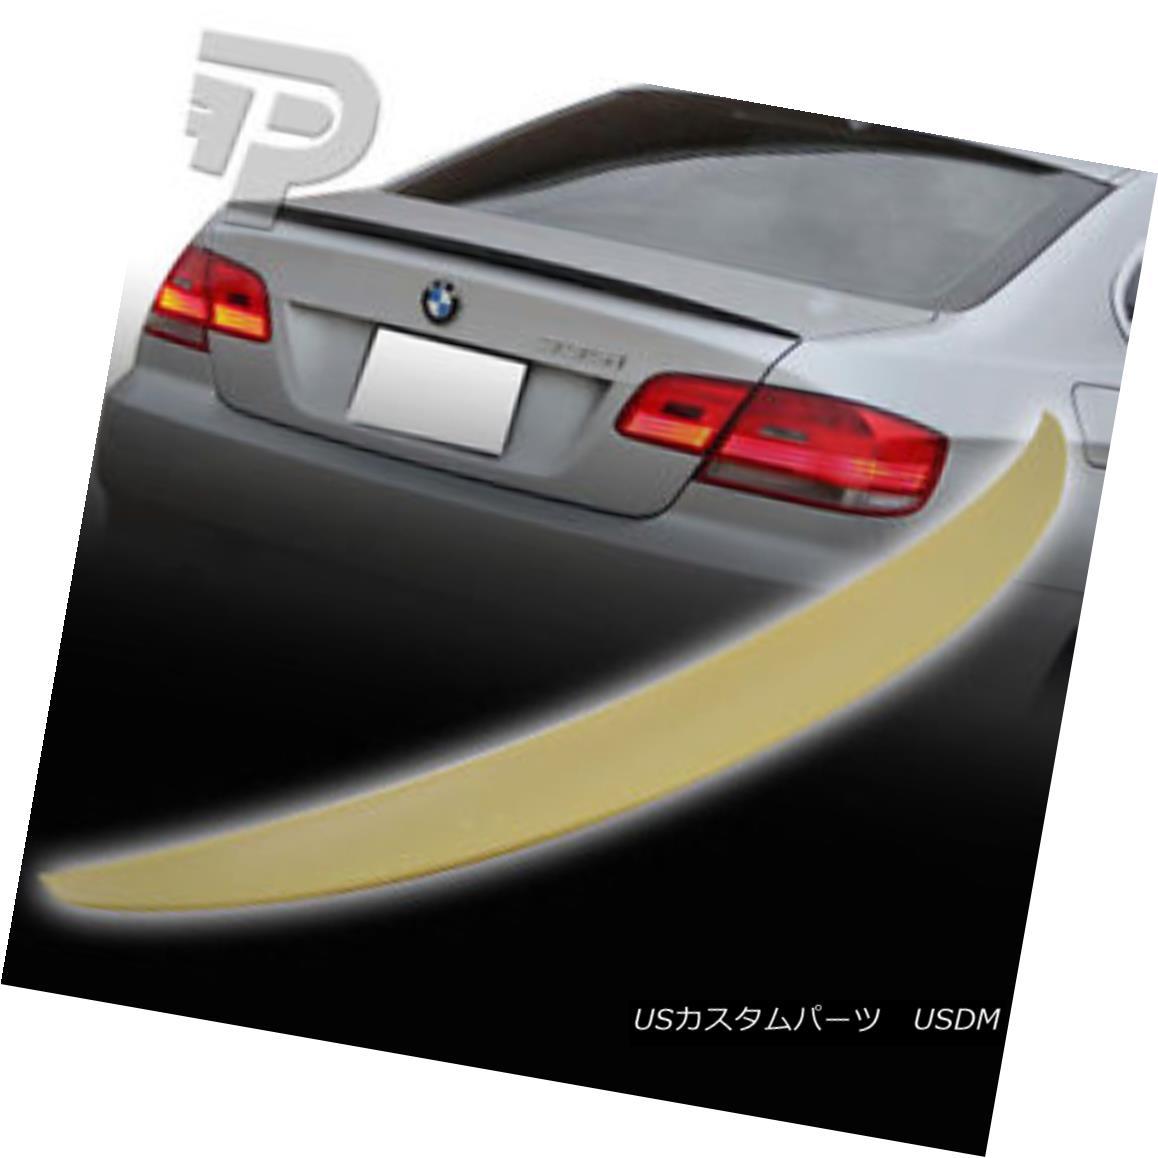 エアロパーツ BMW 3-SERIES E92 2D COUPE P PERFORMANCE TYPE BOOT REAR TRUNK SPOILER 07+▼ BMW 3シリーズE92 2Dコープ・パフォーマンス・タイプ・ブーツ・リア・トランク・スポイラー07+?